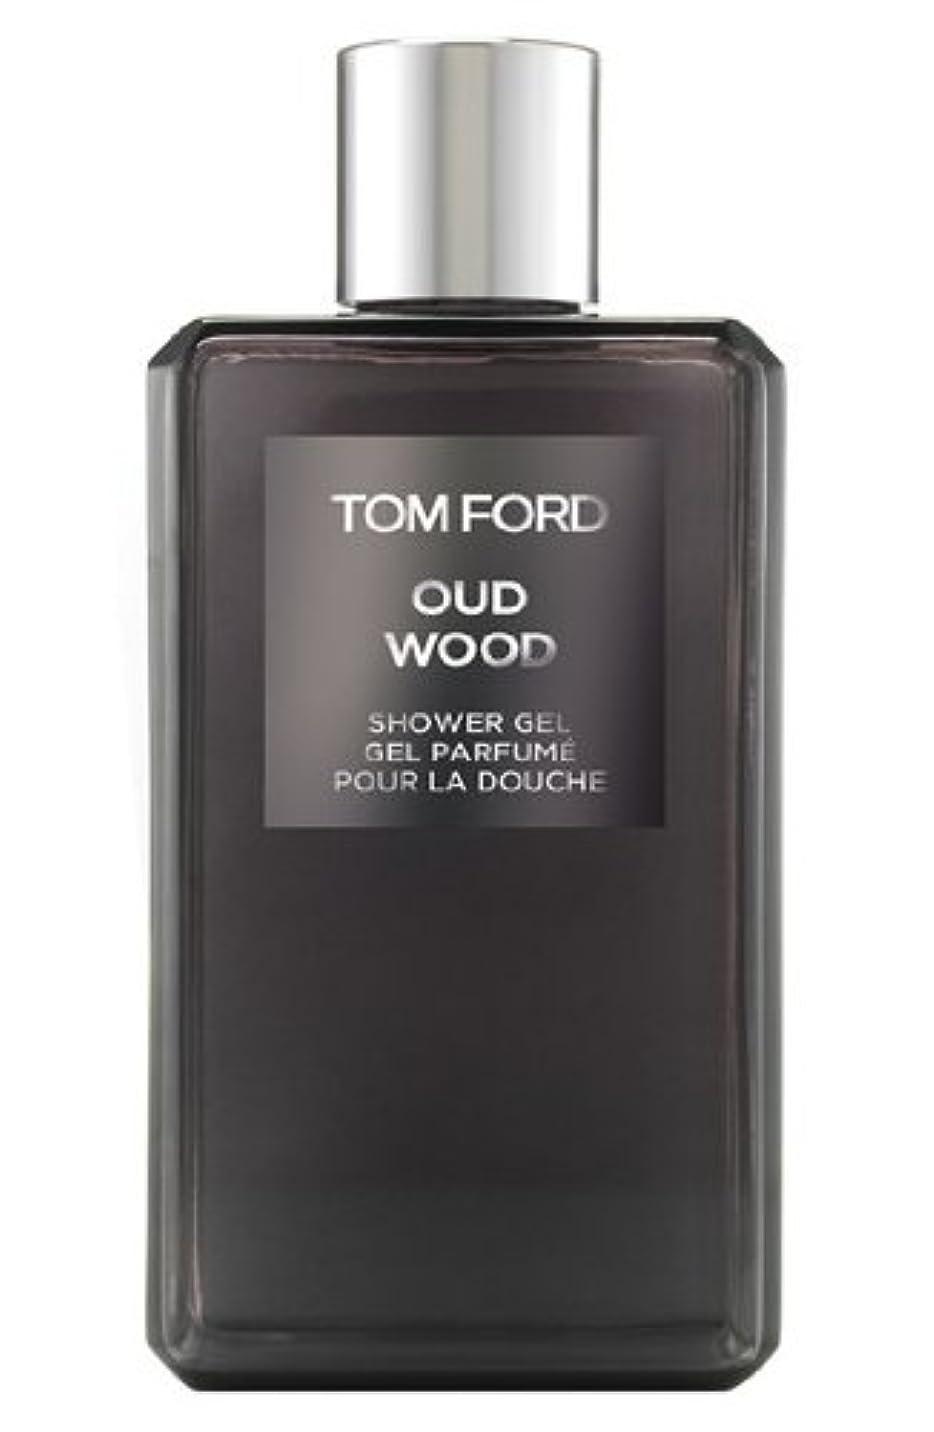 カブルーキー転送Tom Ford Private Blend 'Oud Wood' (トムフォード プライベートブレンド オードウッド) 8.45 oz (254ml) Shower Gel